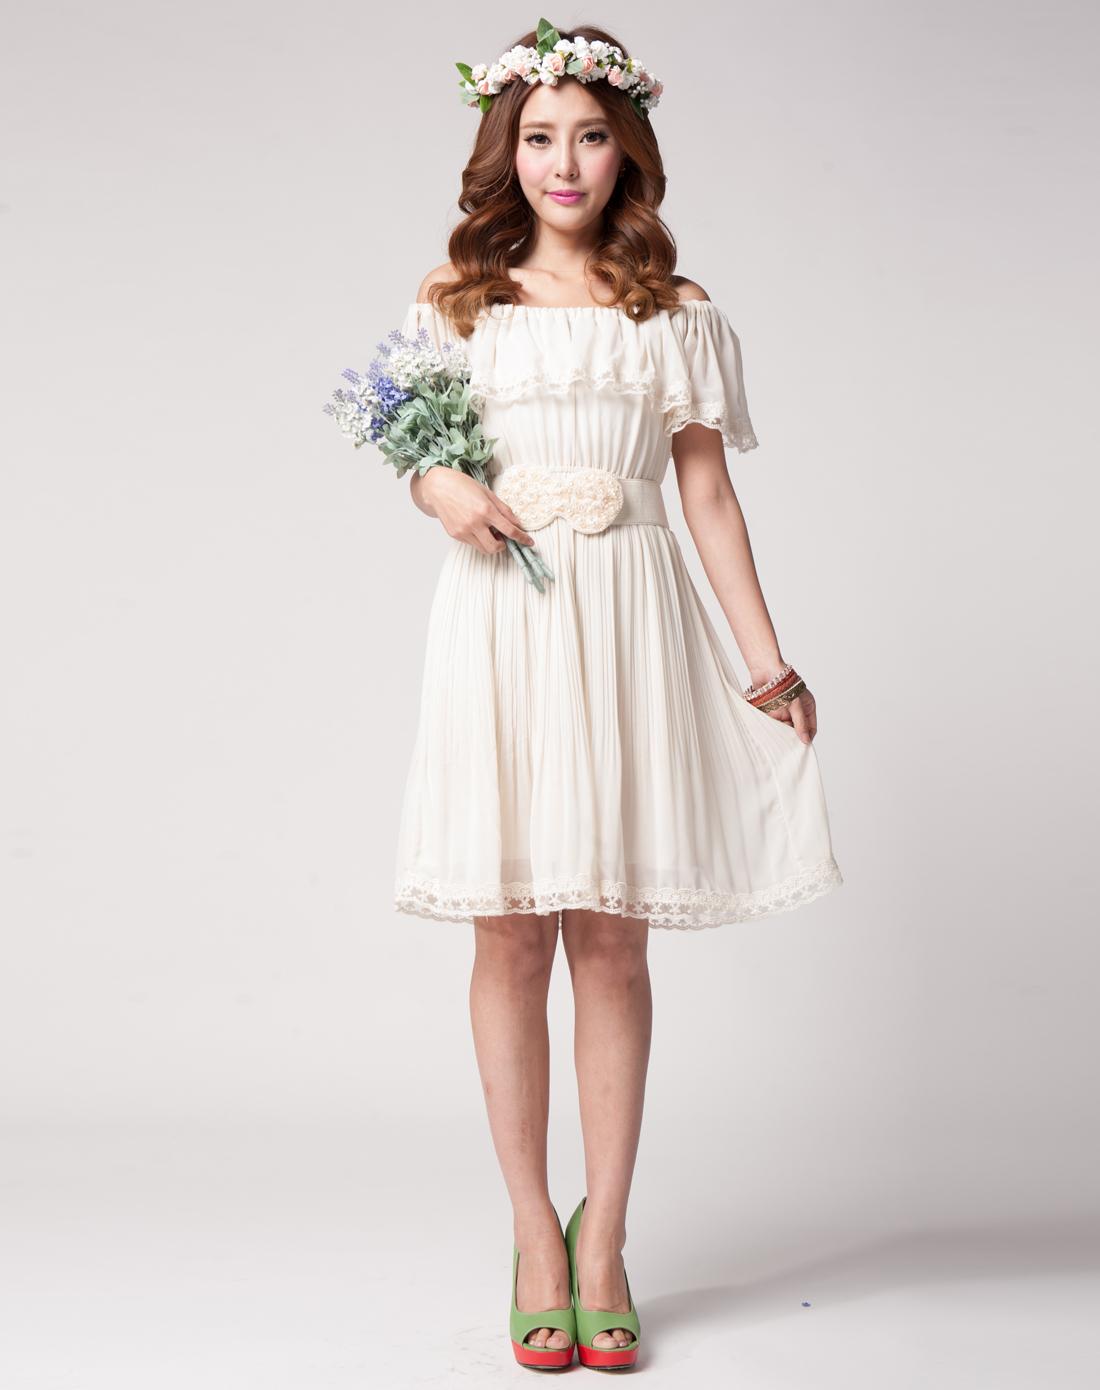 香影xiangying米色蕾丝花边压皱连衣裙q122302180